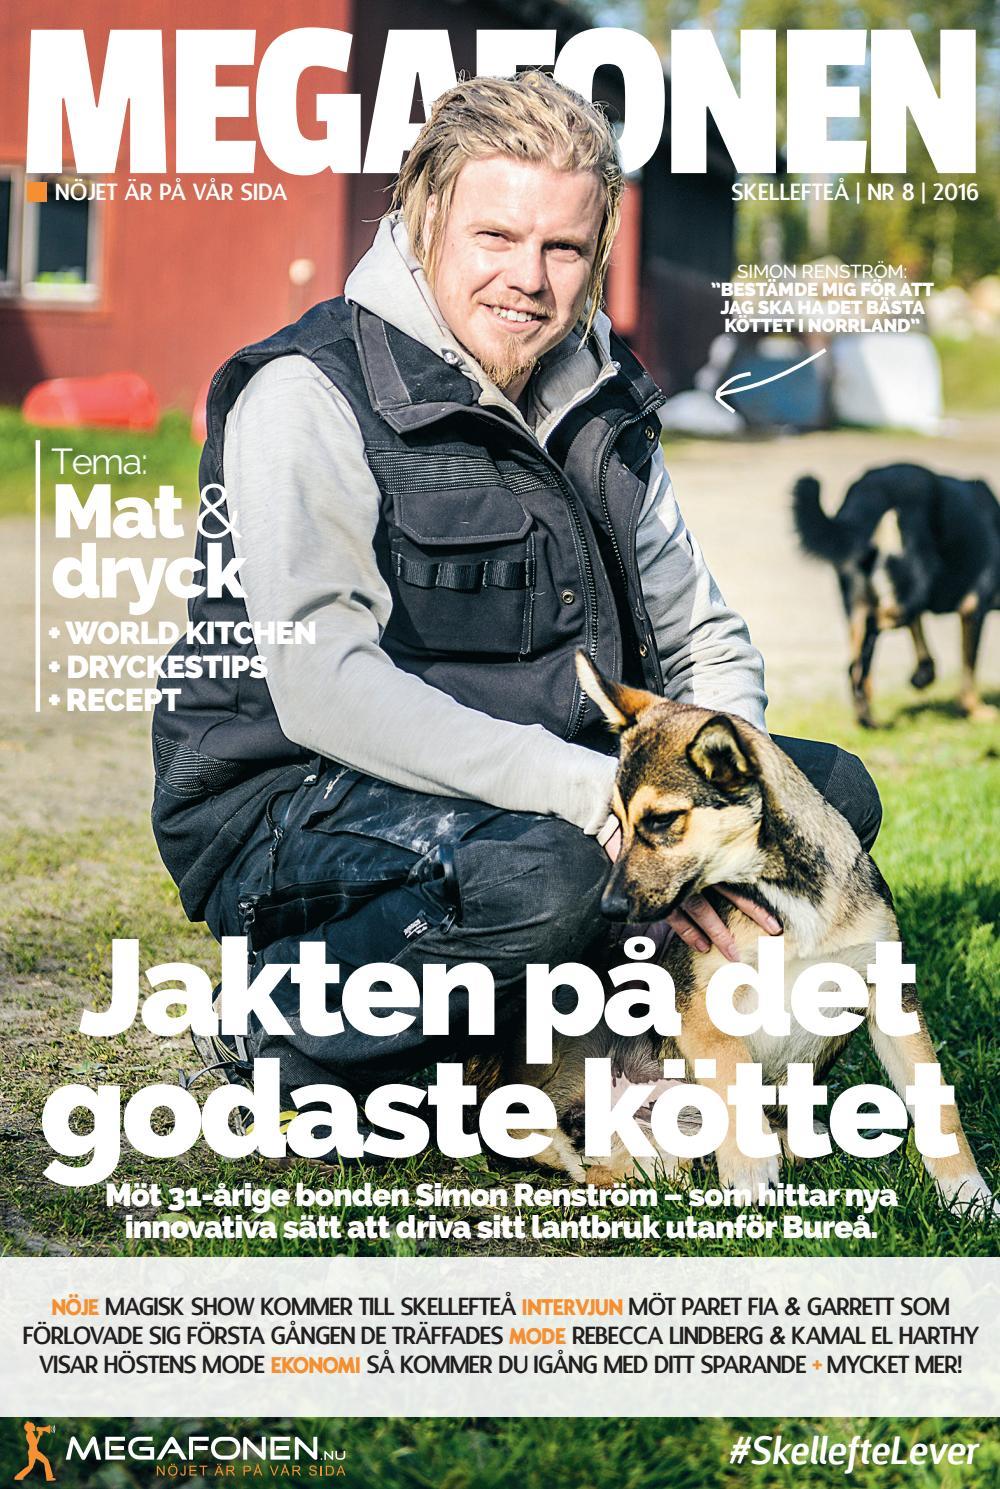 Megafonentidningen nr 8 2016 by Megafonen Skellefteå - issuu 75fbdf5116b83